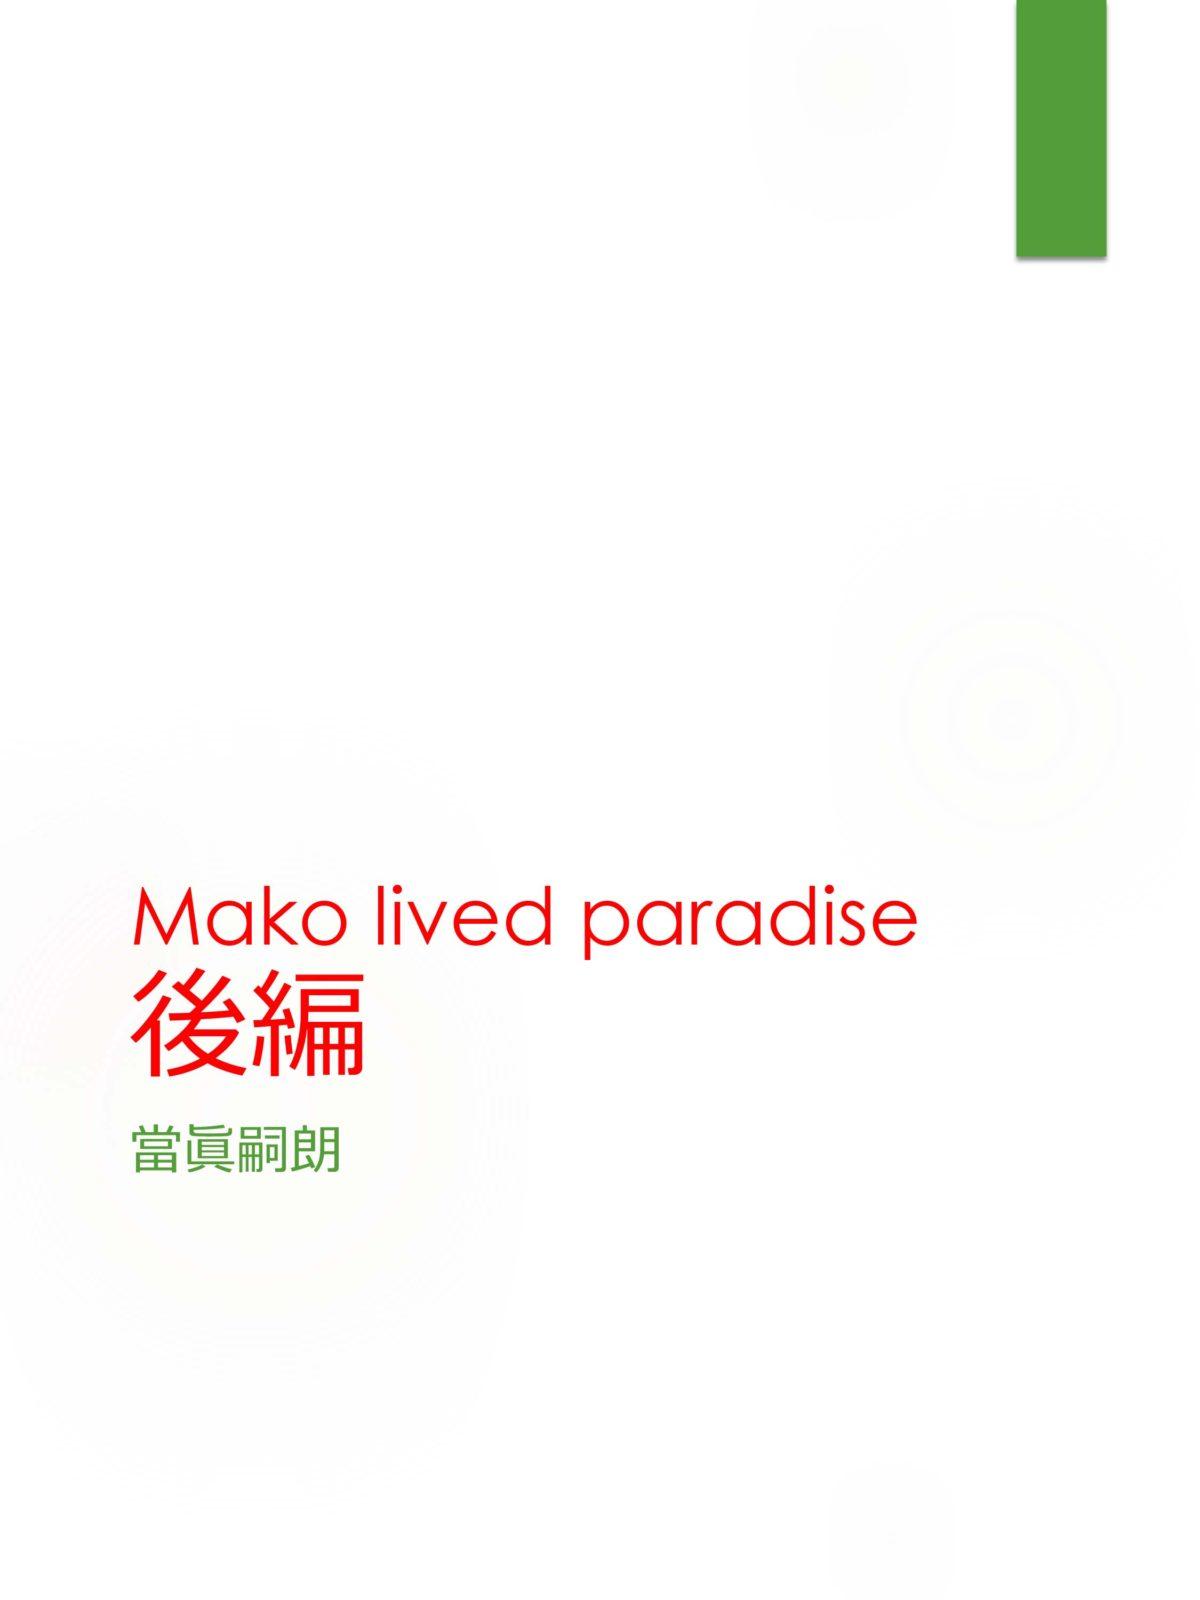 Mako lived paradise後編